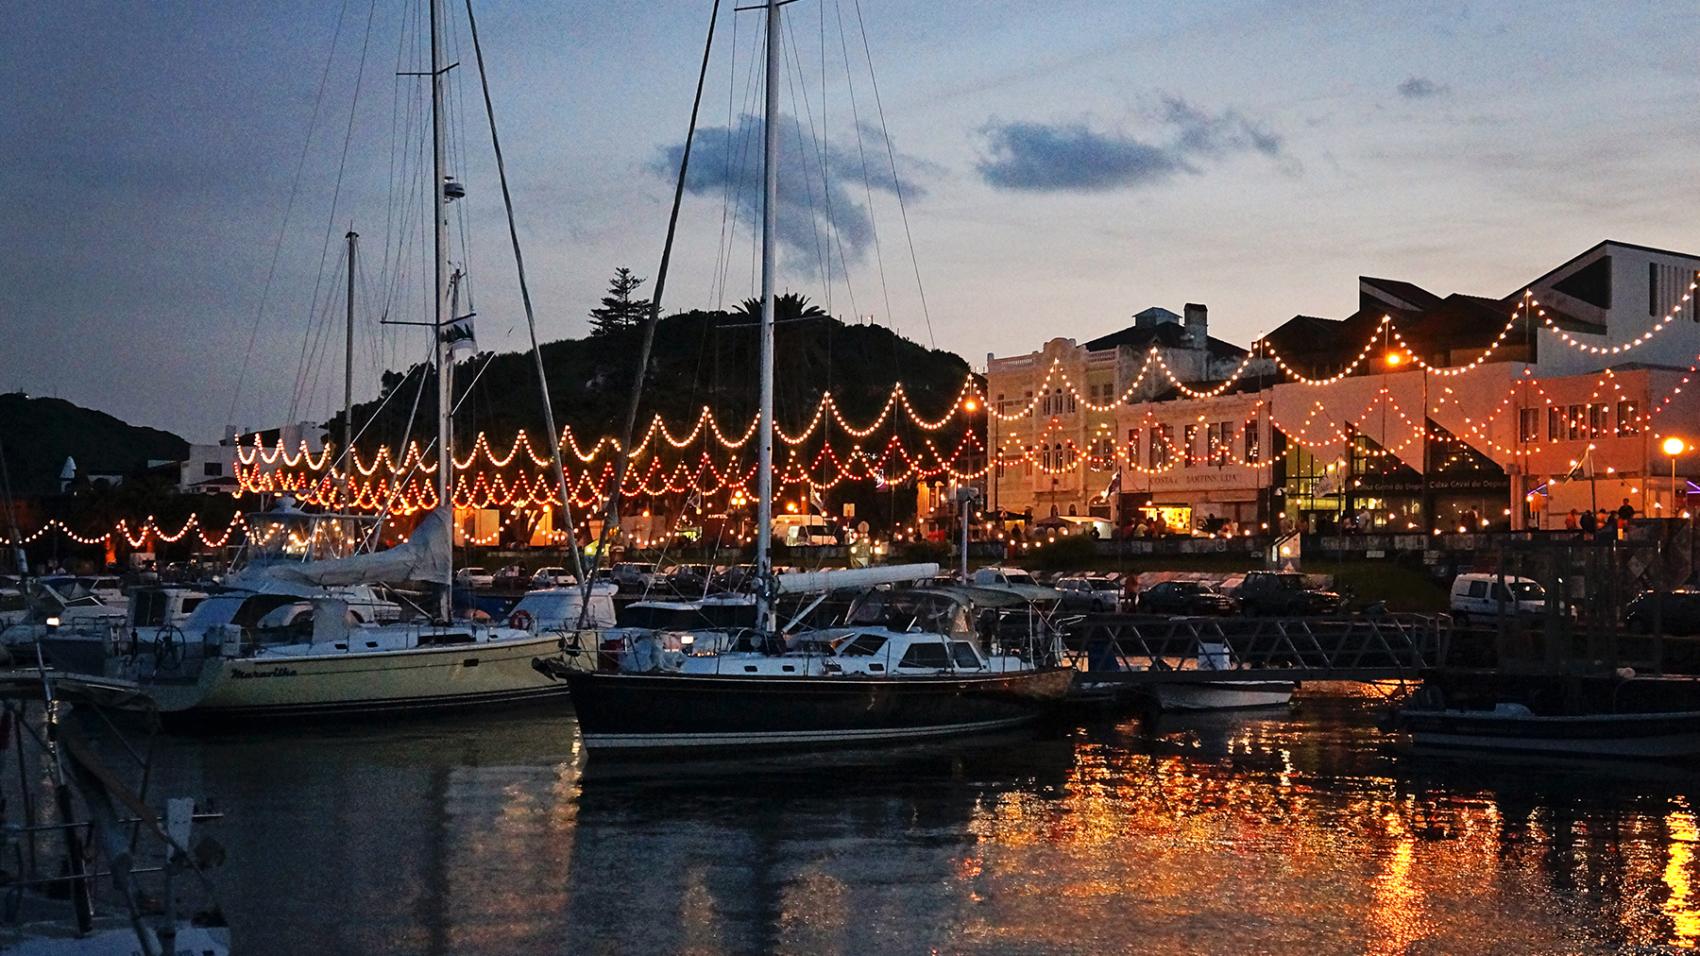 Horta's marina at dusk